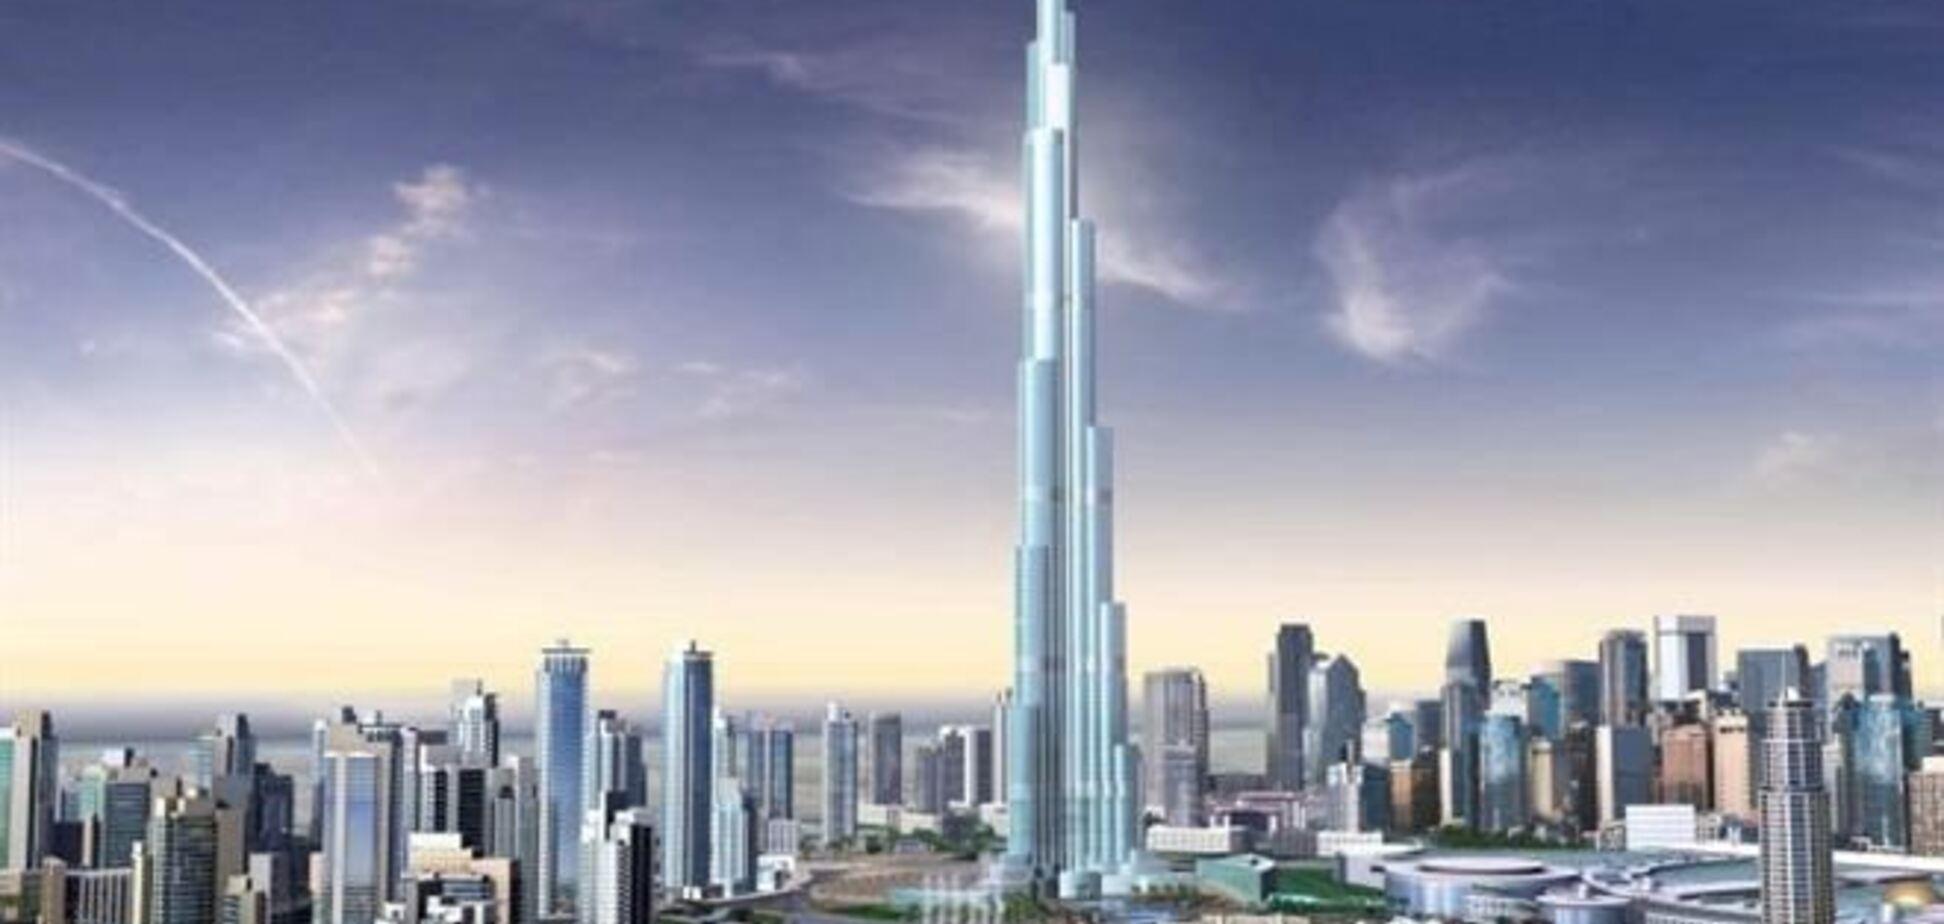 Инвесторы Дубая будут получать обновленную информацию о замороженных проектах